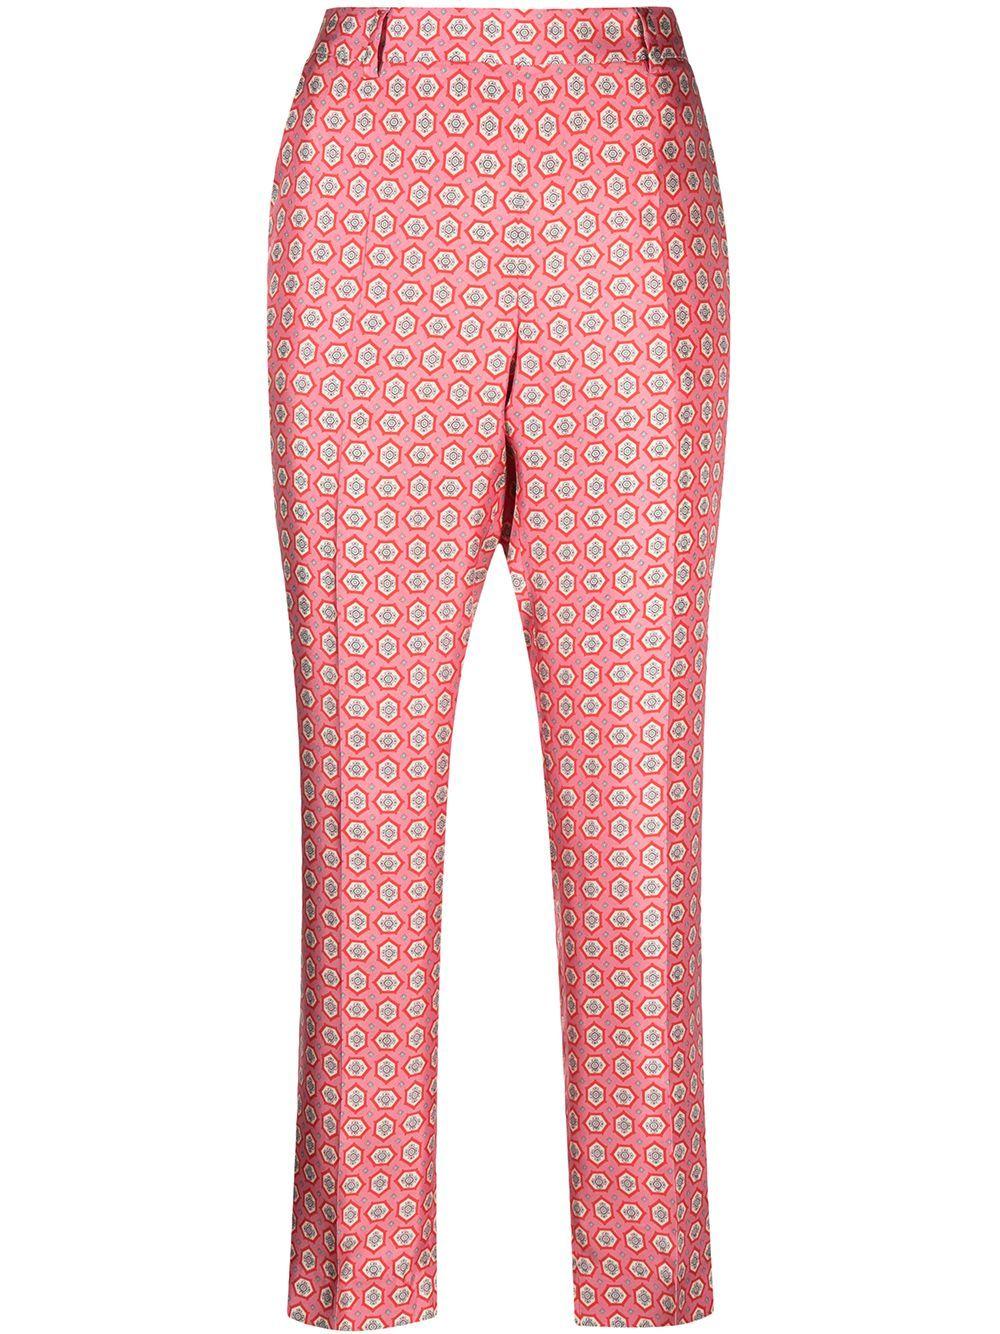 Pantalone in seta stampato